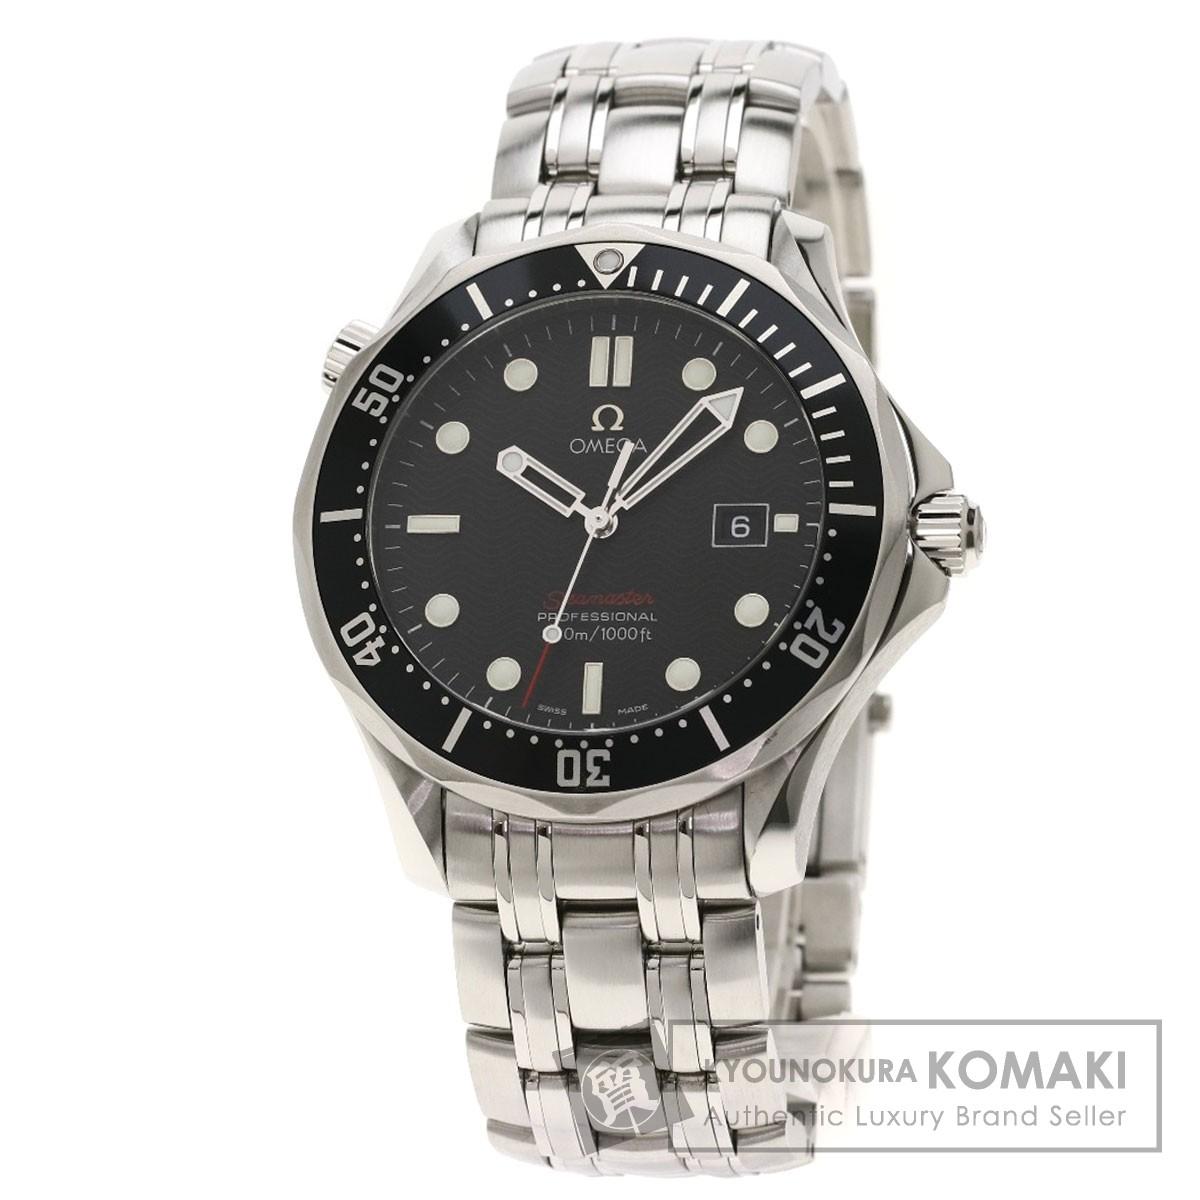 オメガ 212.30.41.61.01.001 シーマスター 300 腕時計 ステンレススチール/SS メンズ 【中古】【OMEGA】